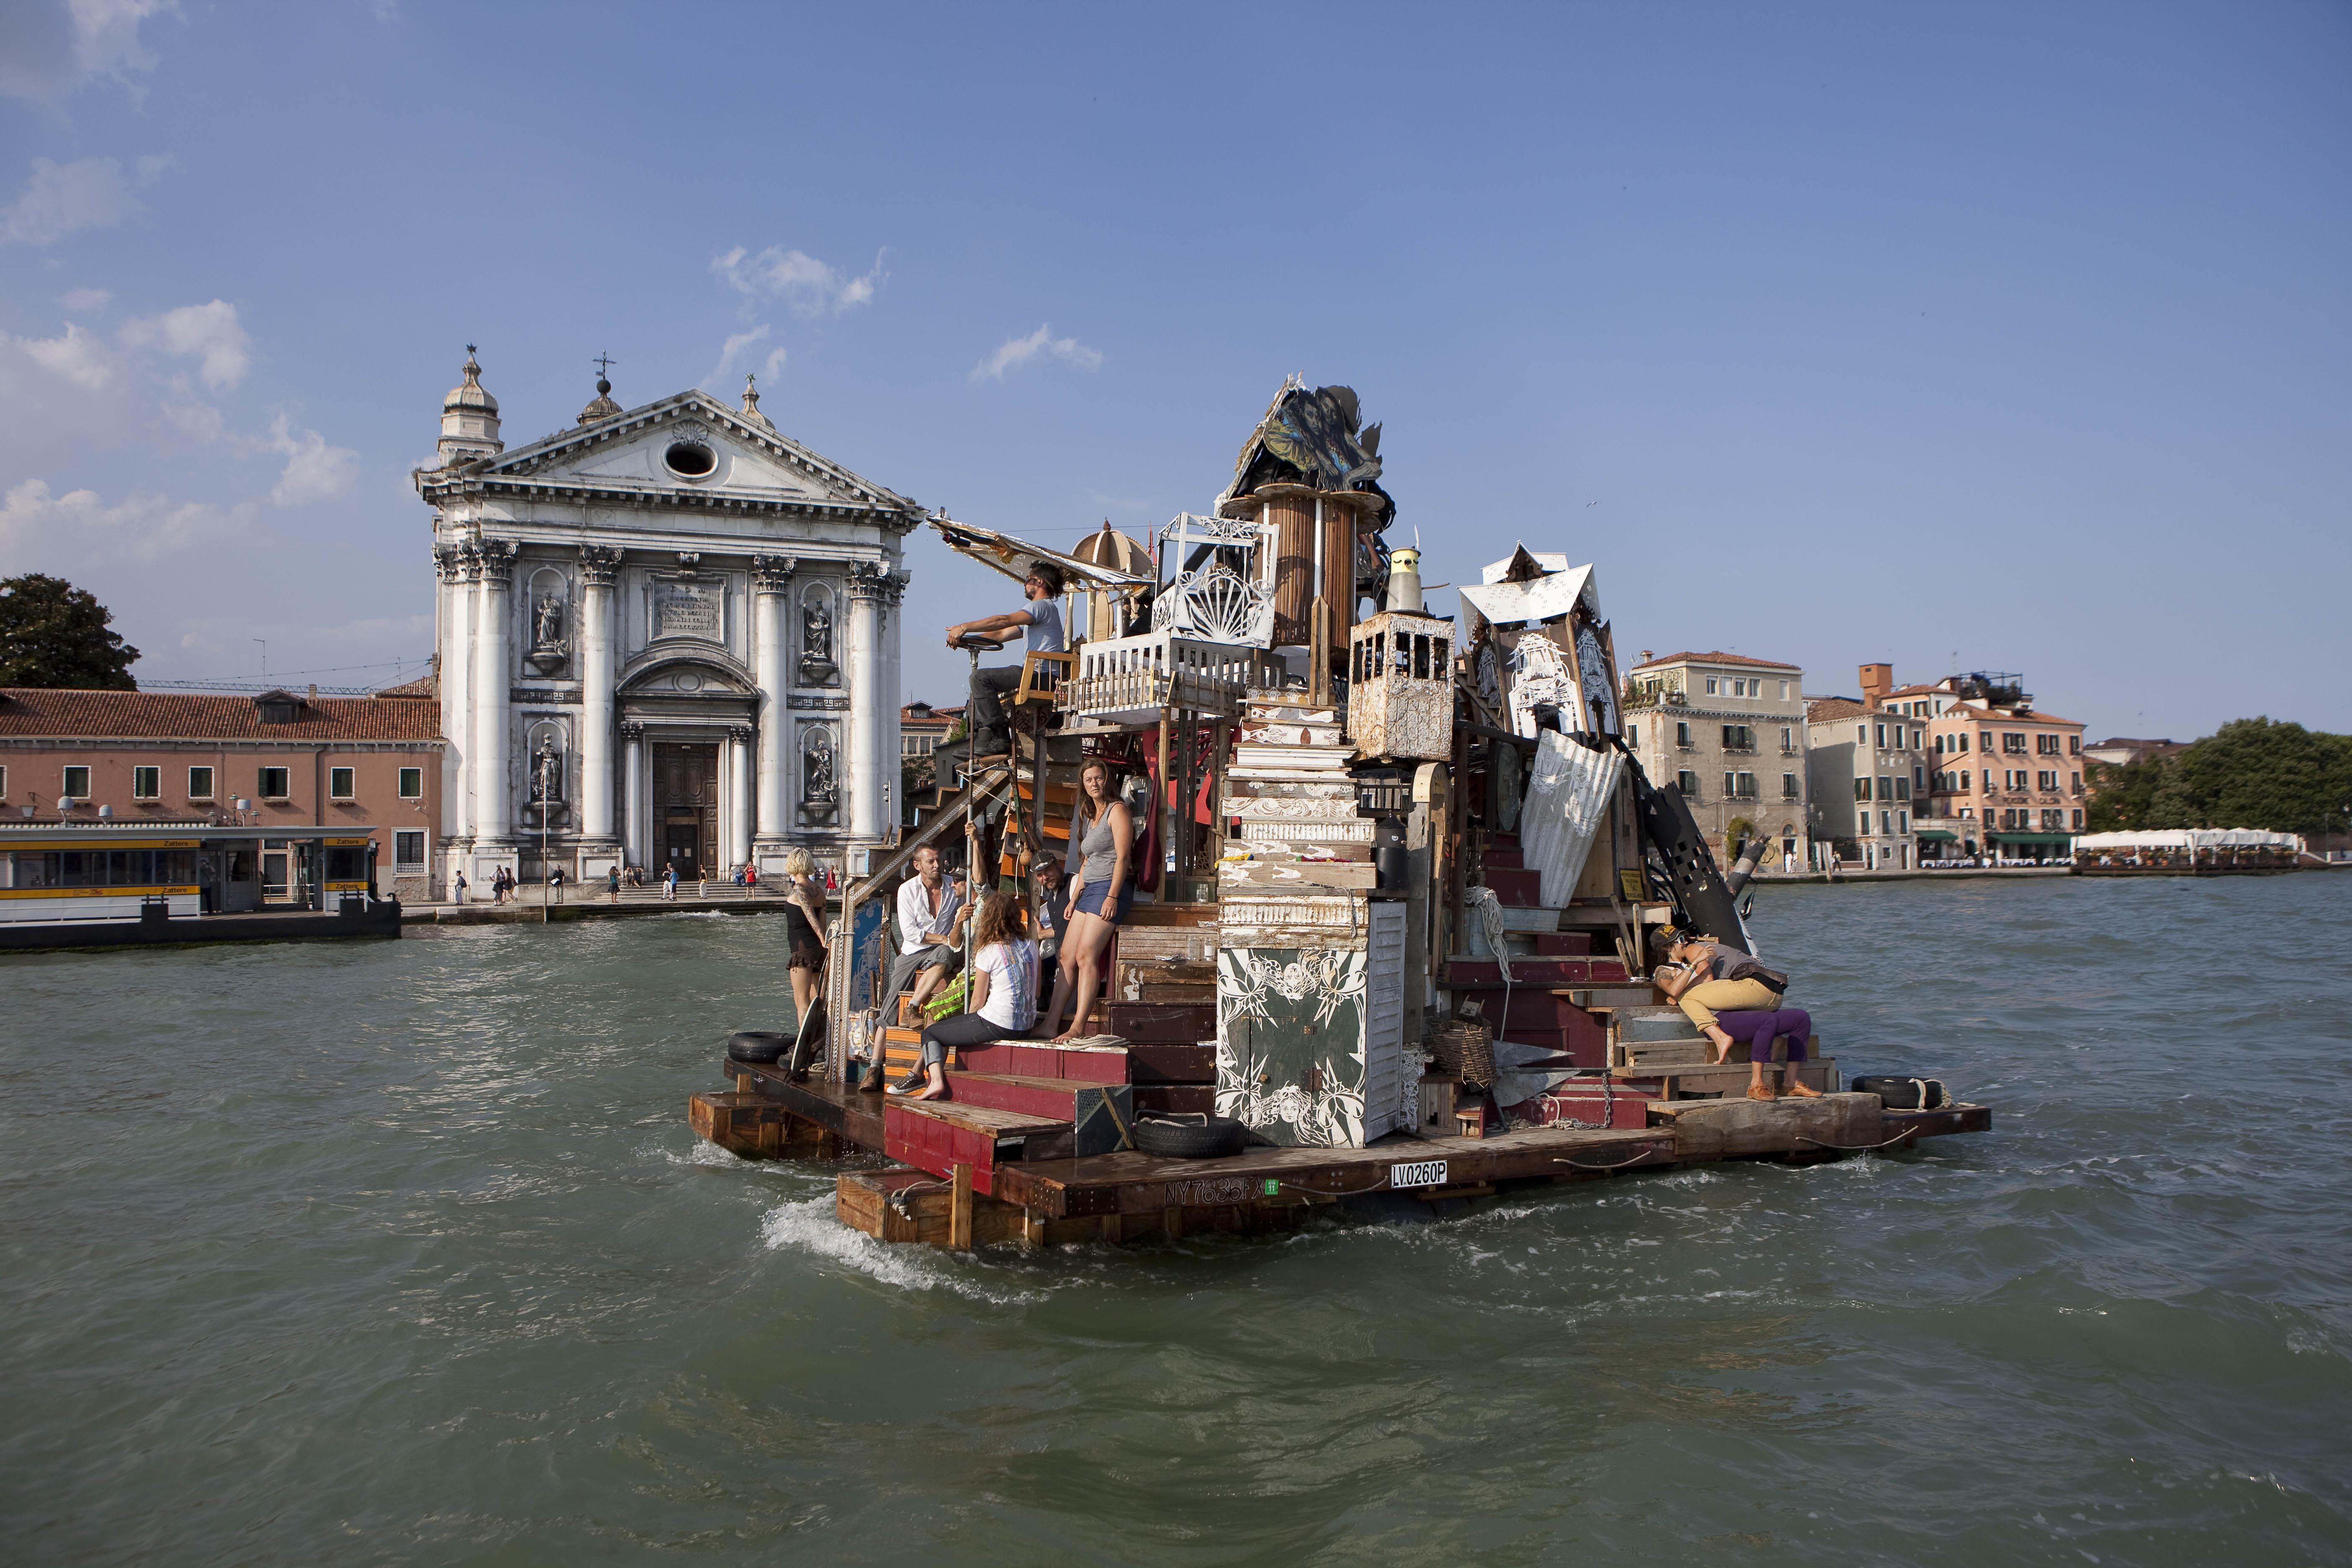 'Waterworld' en el mundo real: así es la ciudad flotante creada con material de construcción reciclado